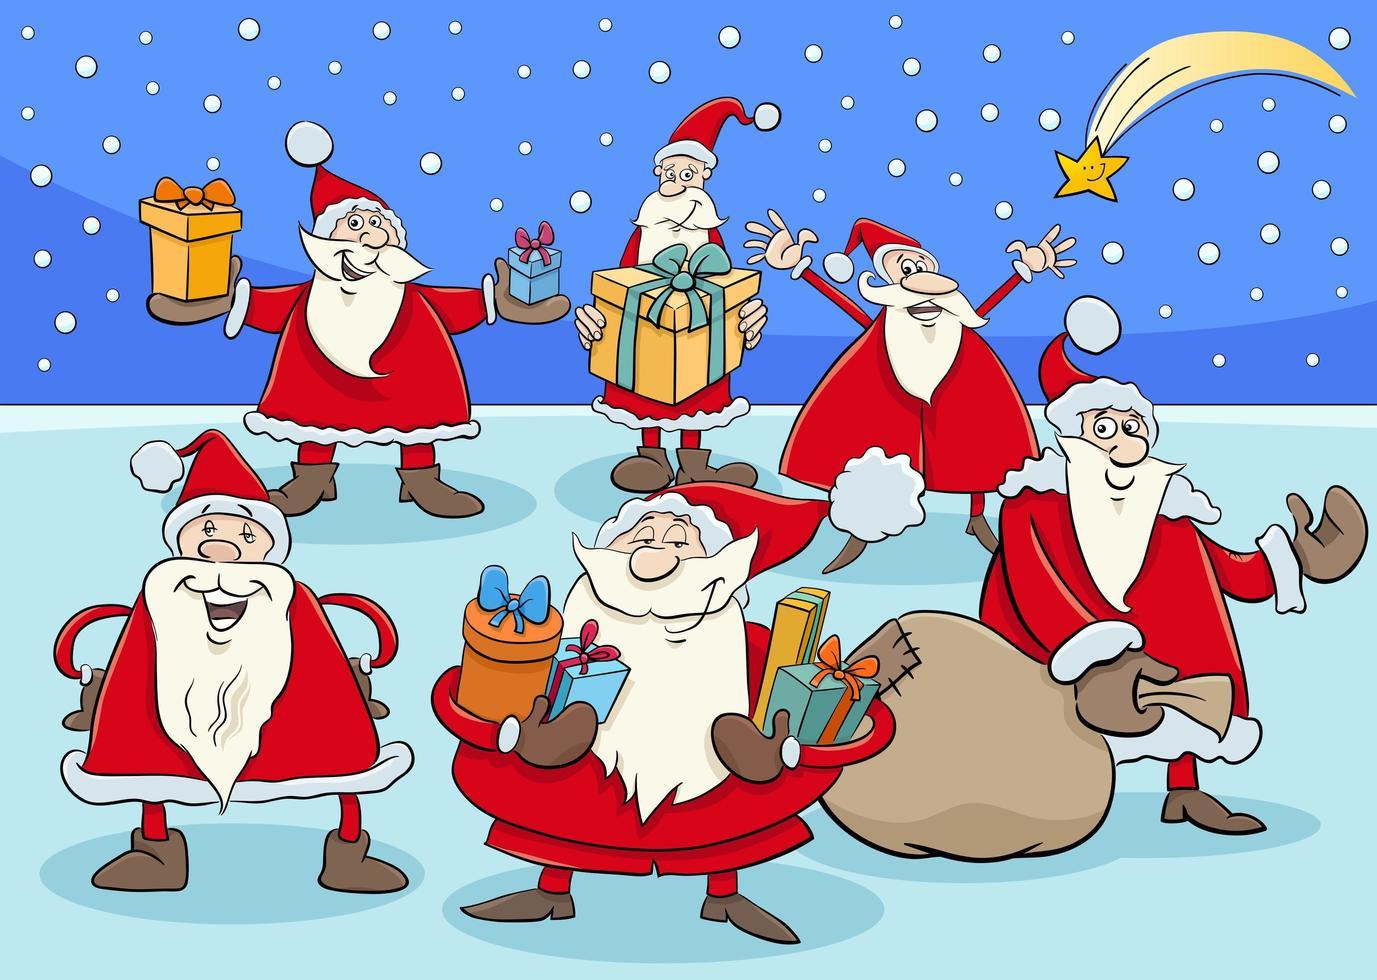 grupo de personagens engraçados do papai noel na época do natal vetor